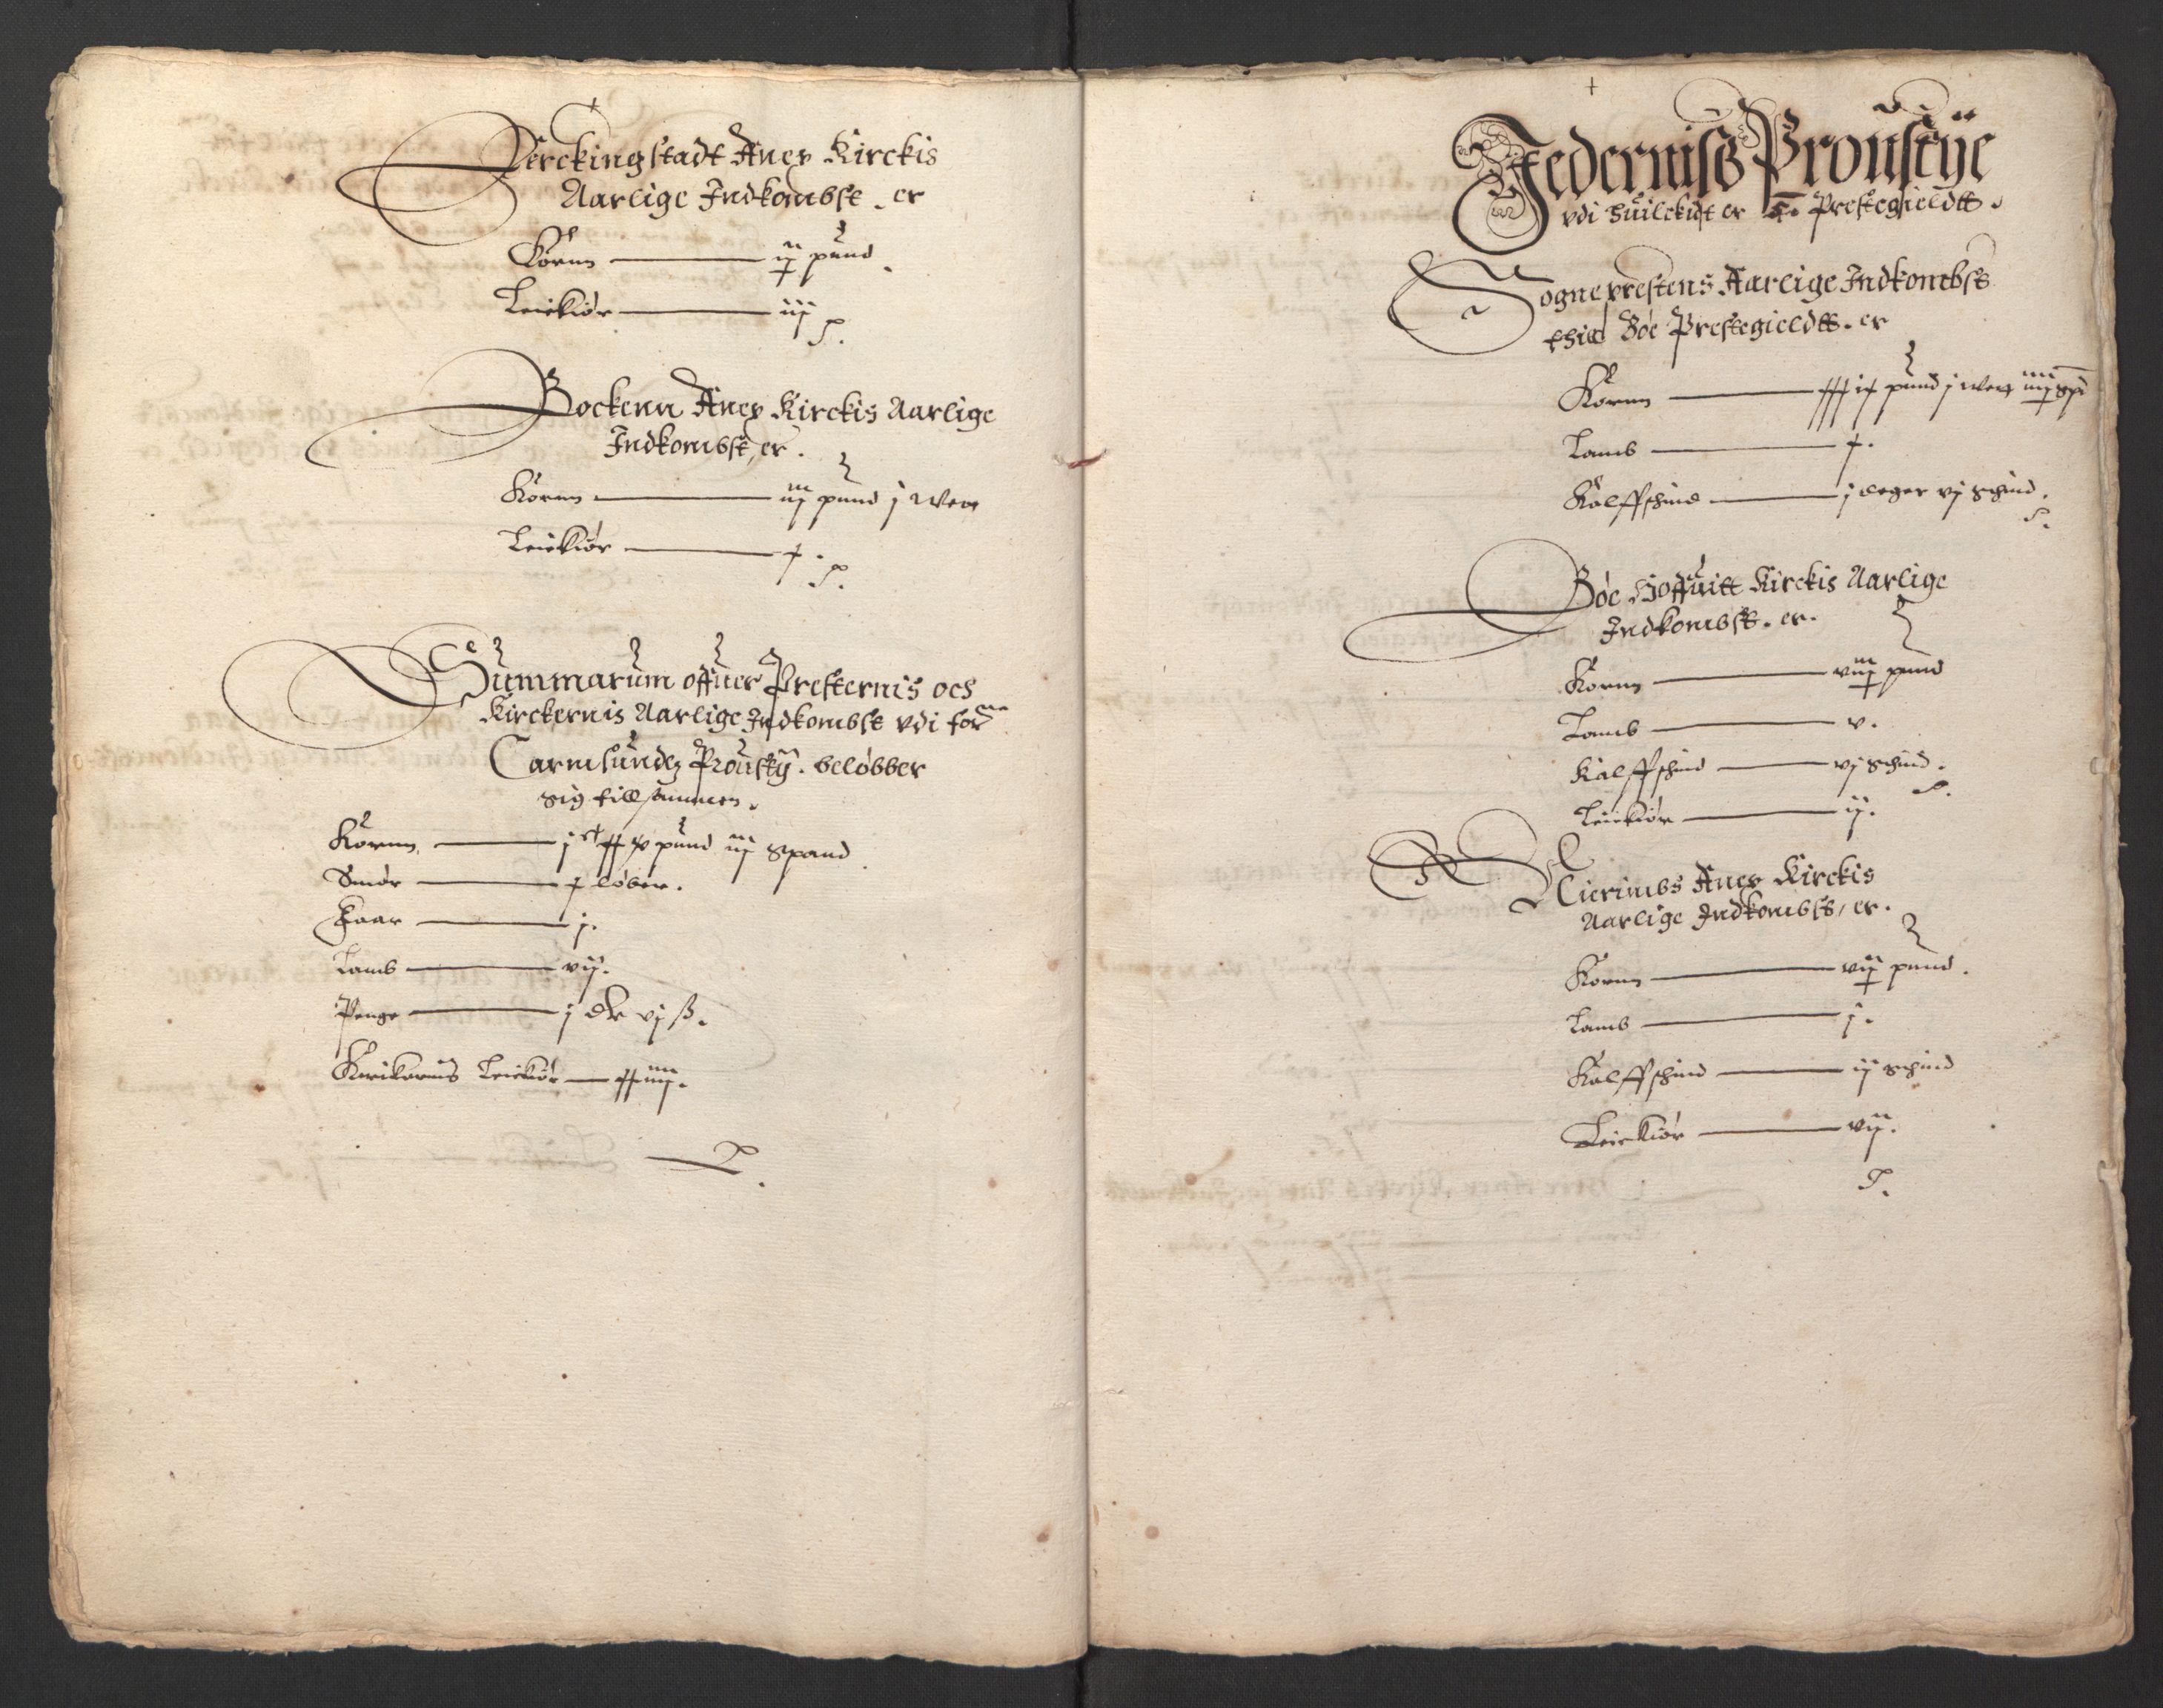 RA, Stattholderembetet 1572-1771, Ek/L0014: Jordebøker til utlikning av rosstjeneste 1624-1626:, 1625, s. 14